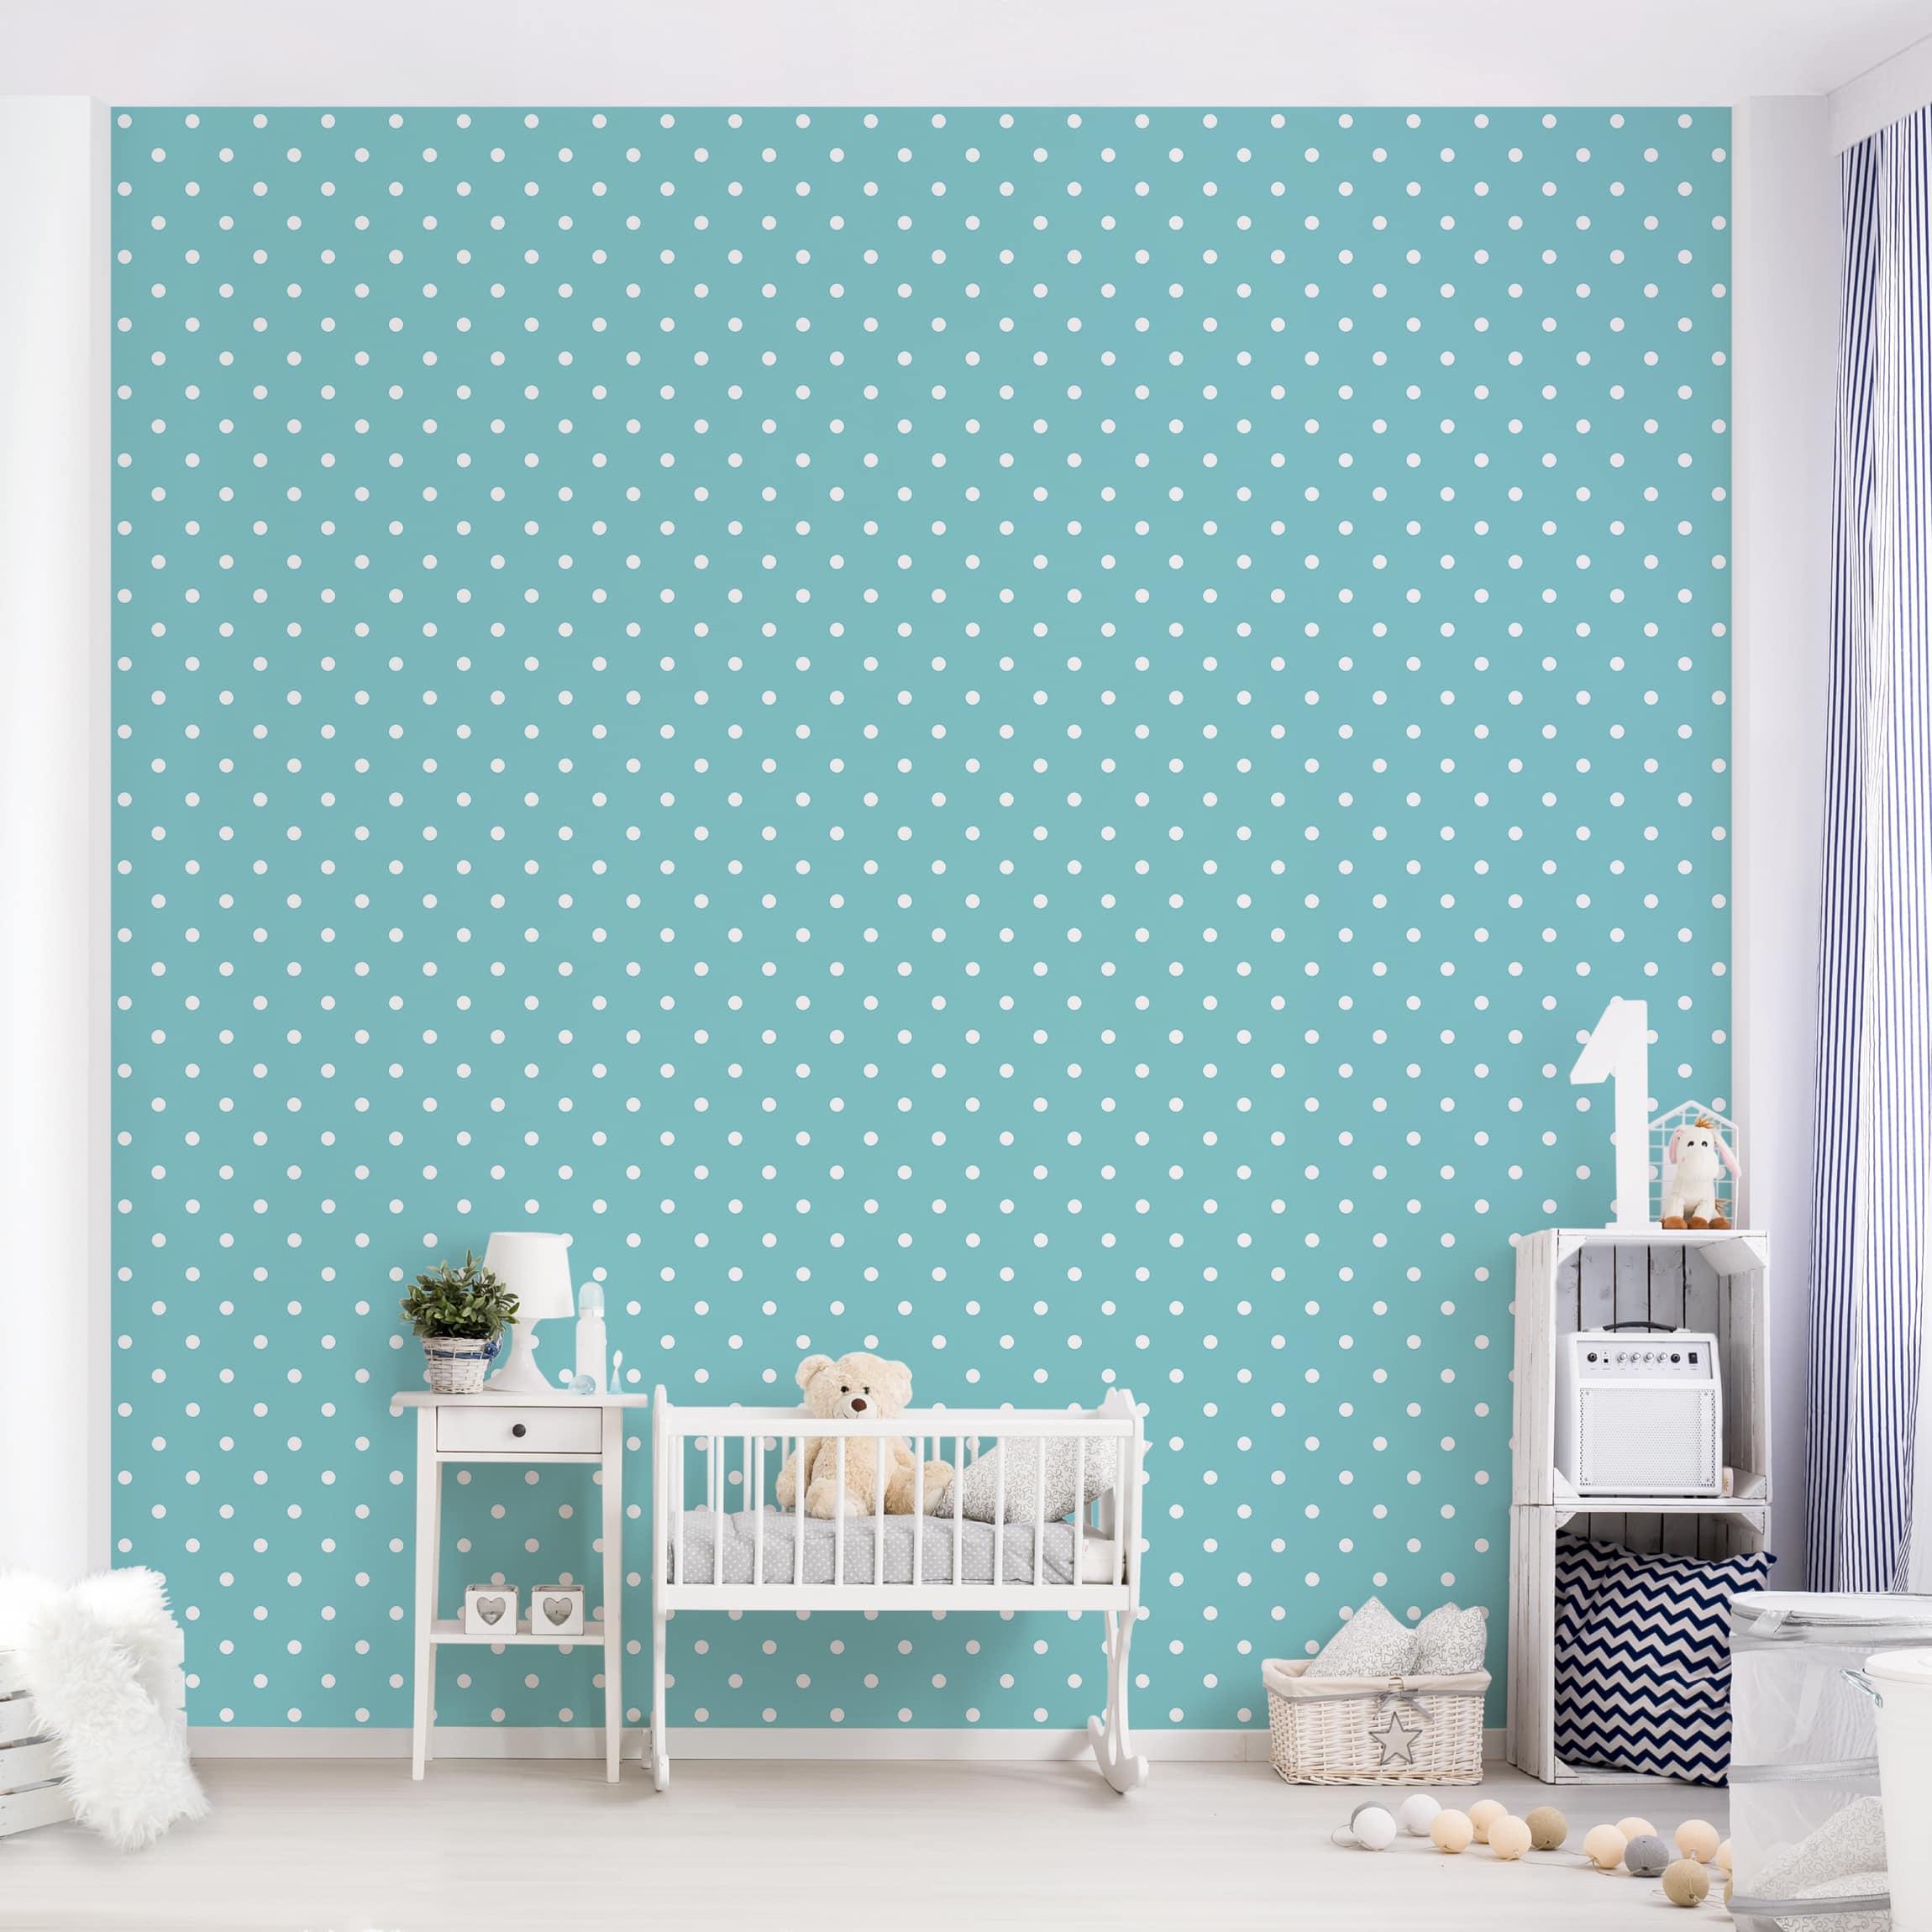 Selbstklebende Tapete Kinderzimmer No Yk55 Weisse Punkte Auf Turkis Fototapete Quadrat